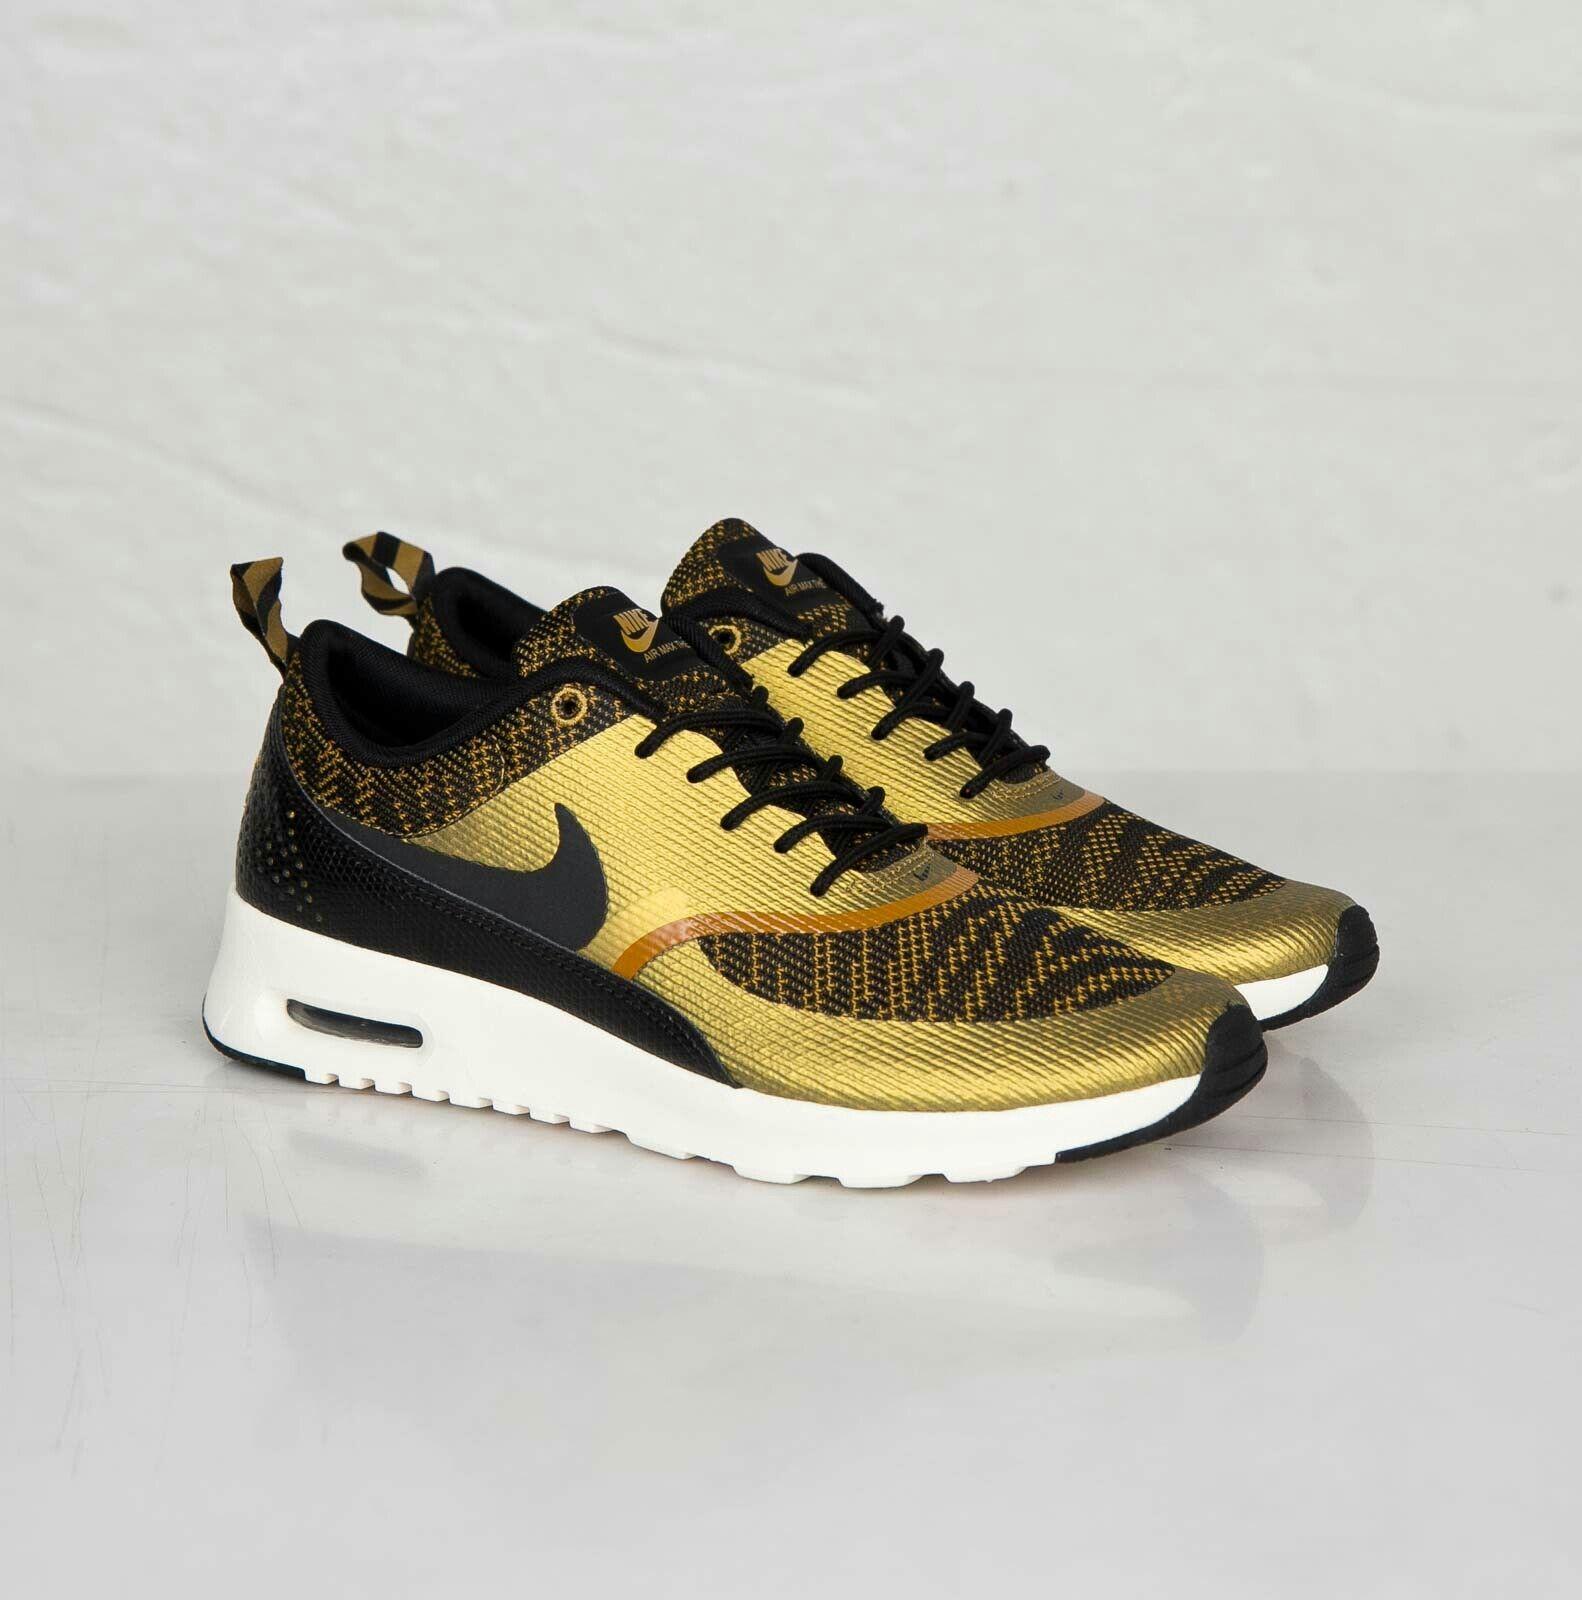 Nike air max thea kjcrd dimensione al dettaglio 718646 700